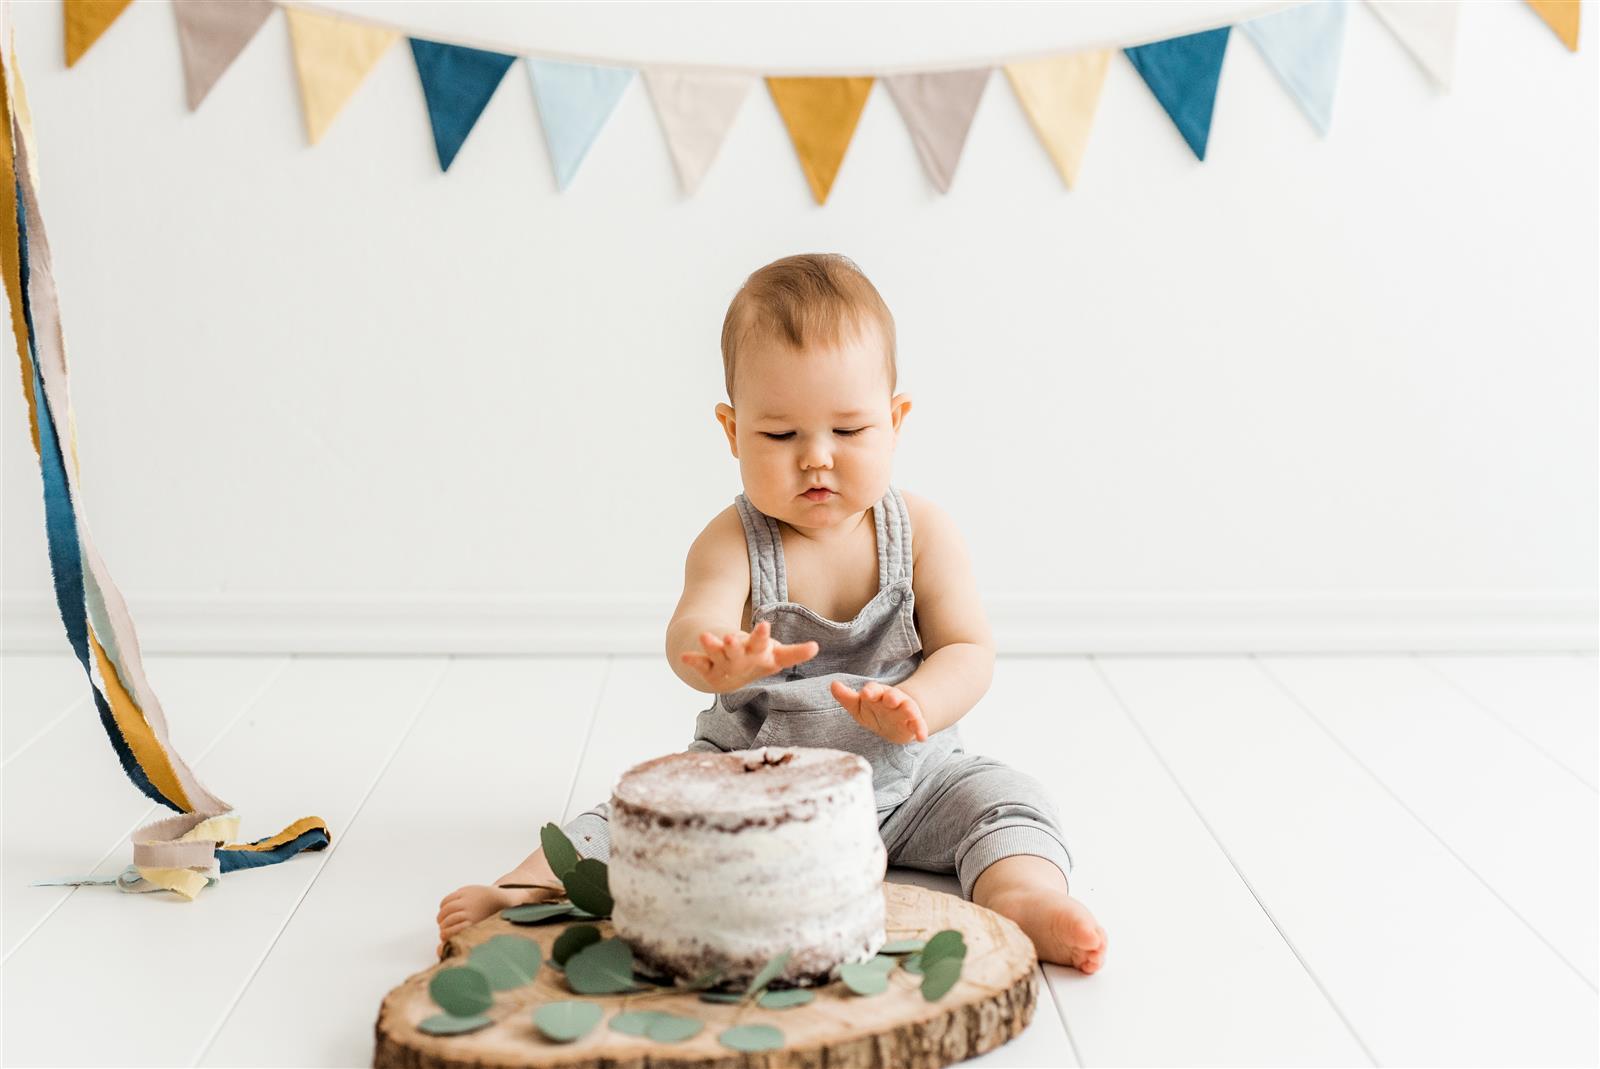 Fotografiranje za prvi rojstni dan, darilo za rojstni dan, darilo za dojenčka, darilo za 1 rojstni dan